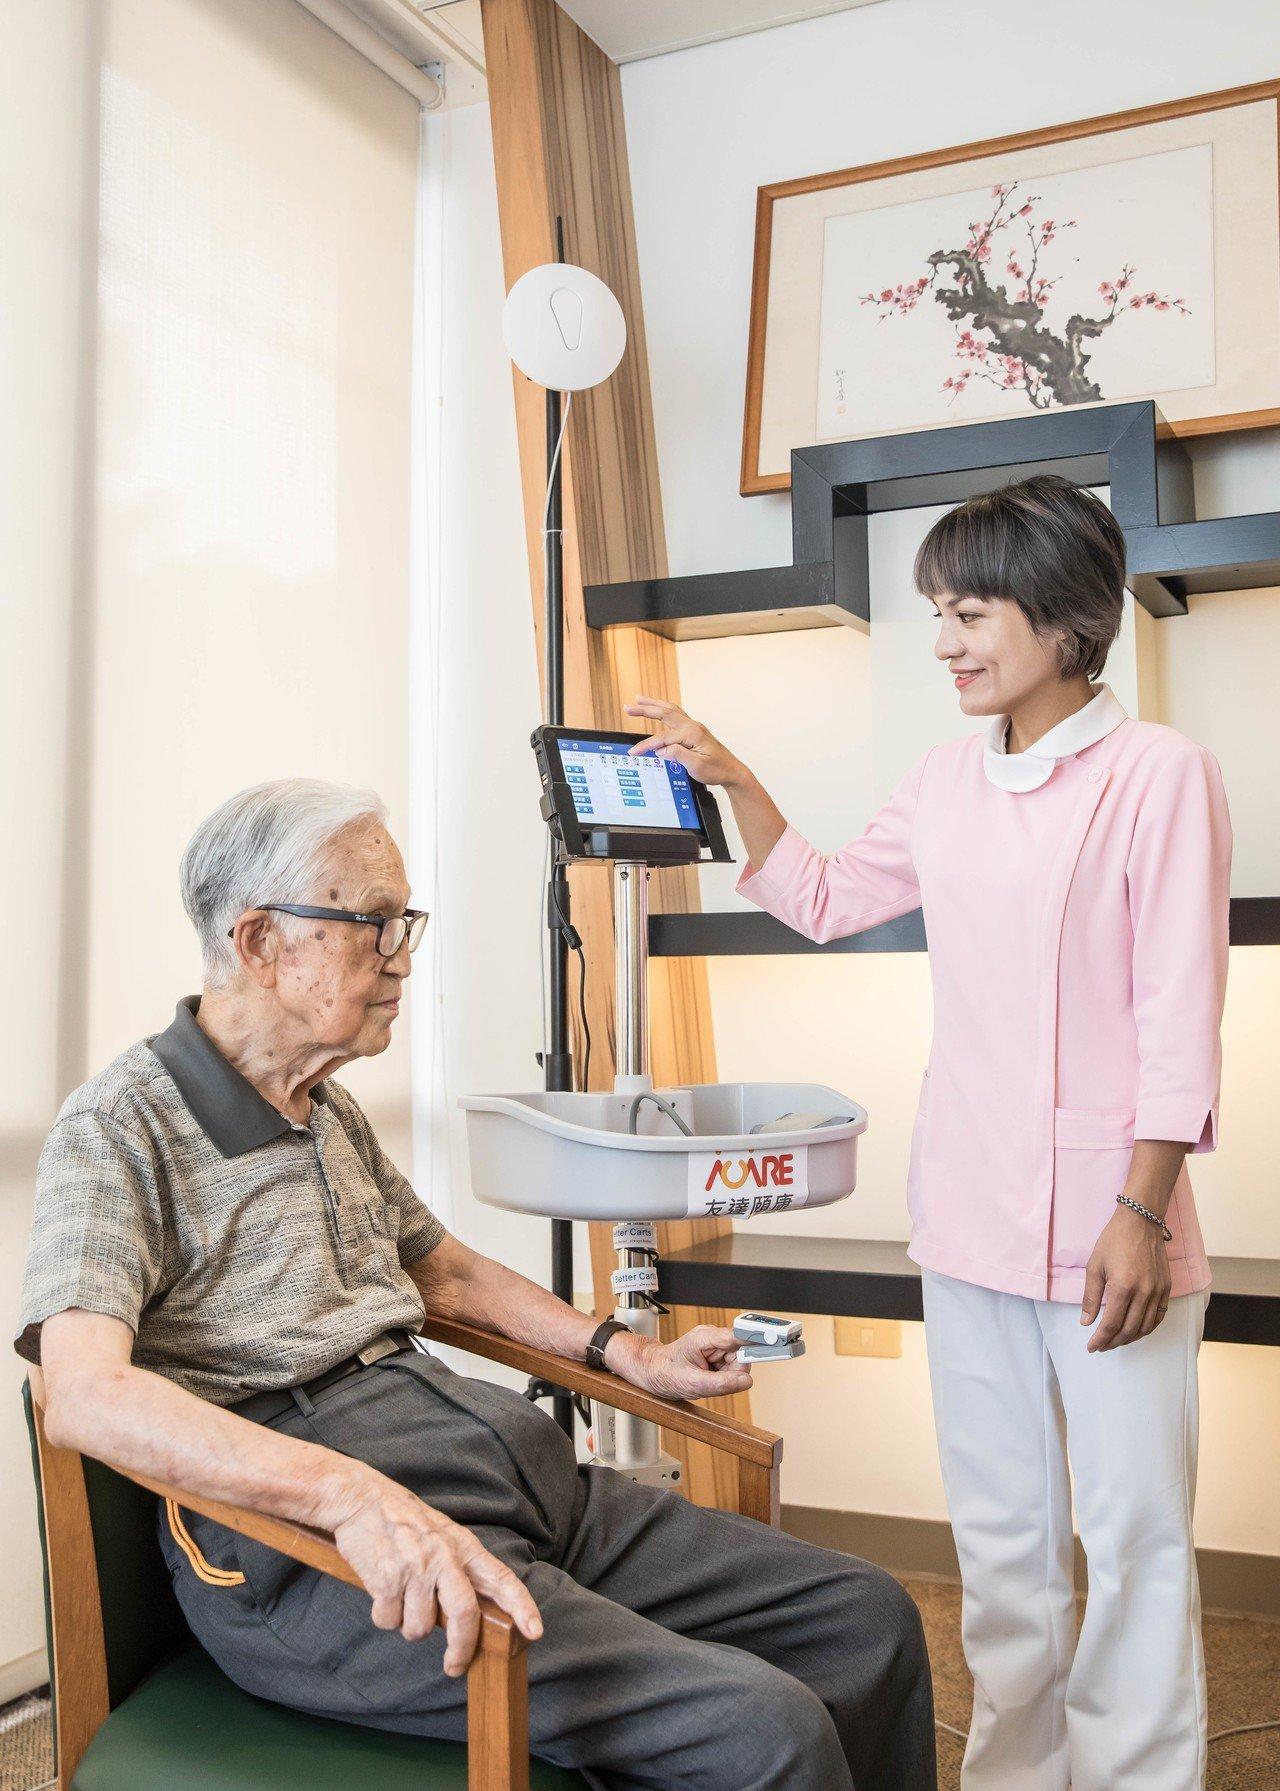 友達頤康生理量測方案,可透過行動護理機執行照護計畫,建立個人照護紀錄。 圖/友達...